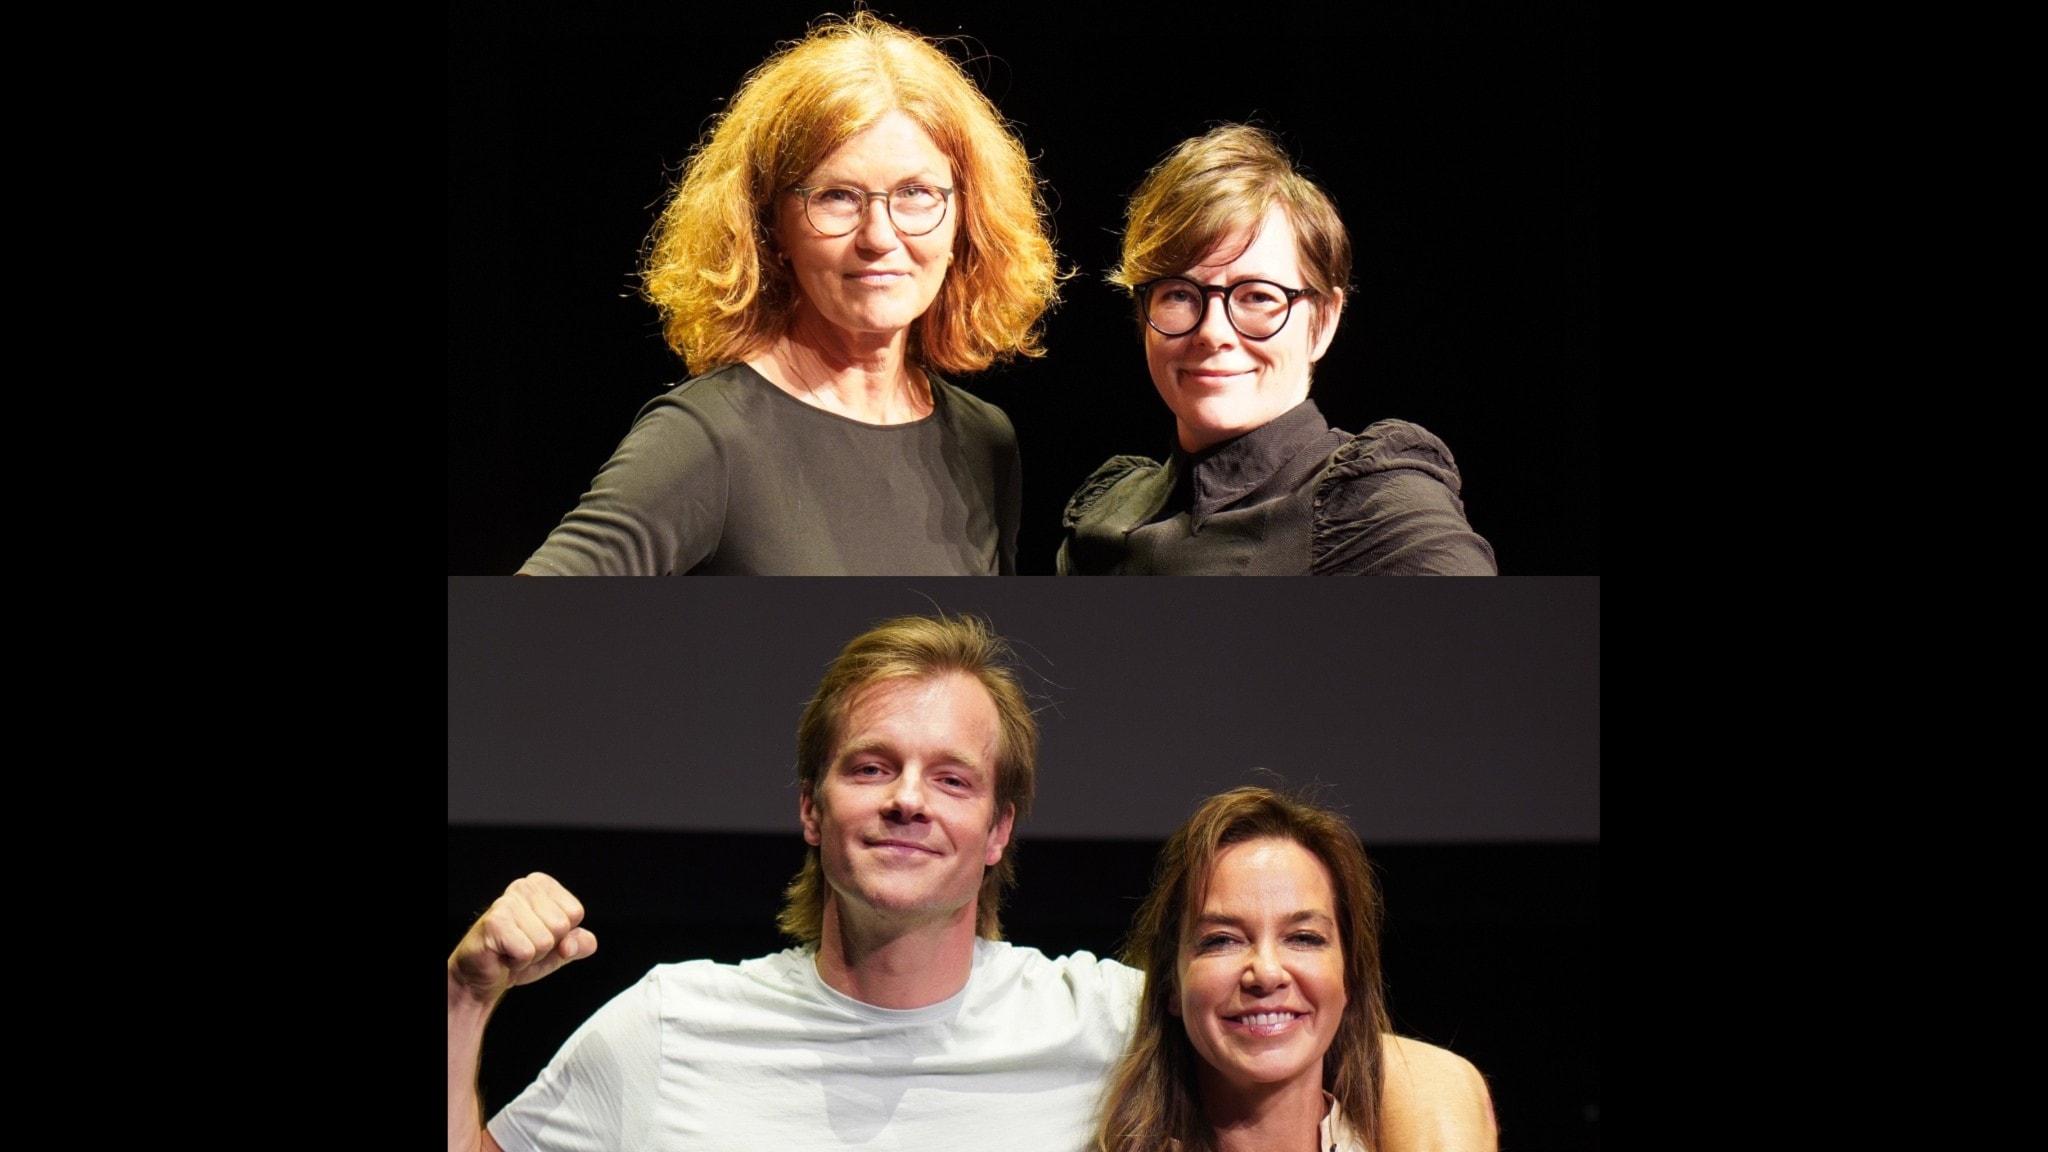 Lantzkampen i P1 är en frågesport om veckans nyheter. Programledare är Annika Lantz.  På bilden: Heidi Avellan & Moa Berglöf samt Henrik Johnsson & Li Pamp.